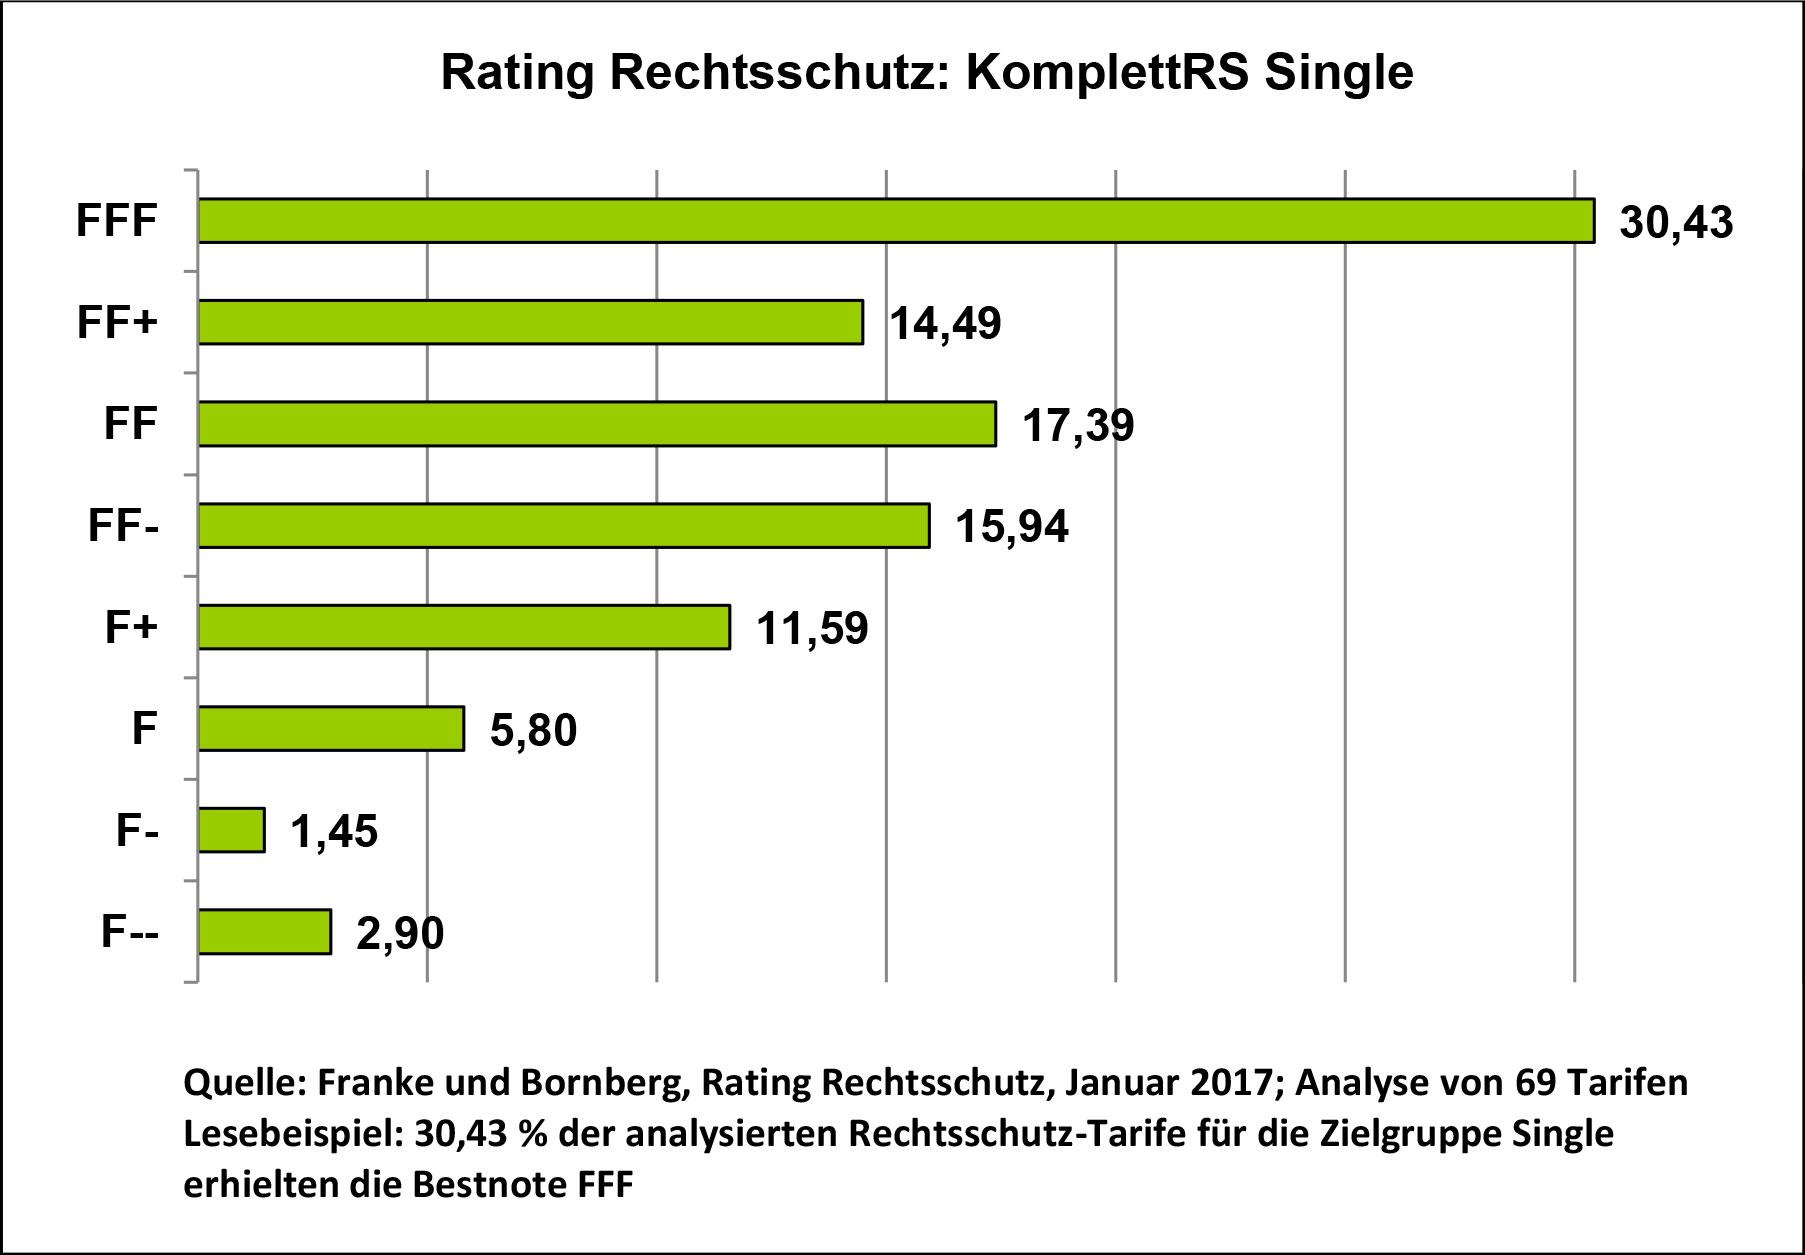 Rechtsschutz-Rating-2-2017-Franke-und-Bornberg